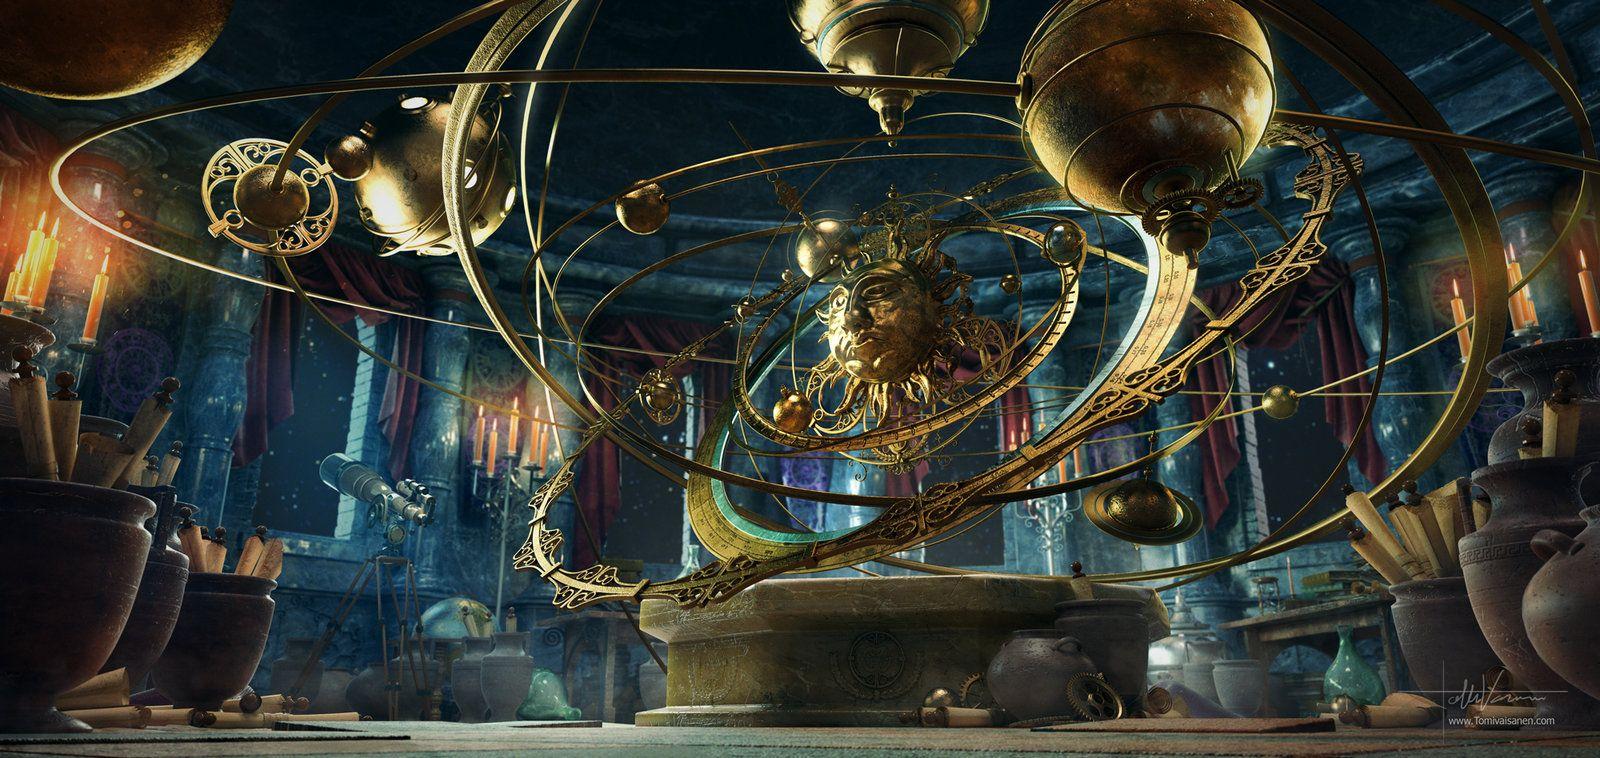 hight resolution of planetarium by darkki1 alchemist wizard sorcerer warlock lab laboratory workshop landscape location environment architecture create your own roleplaying